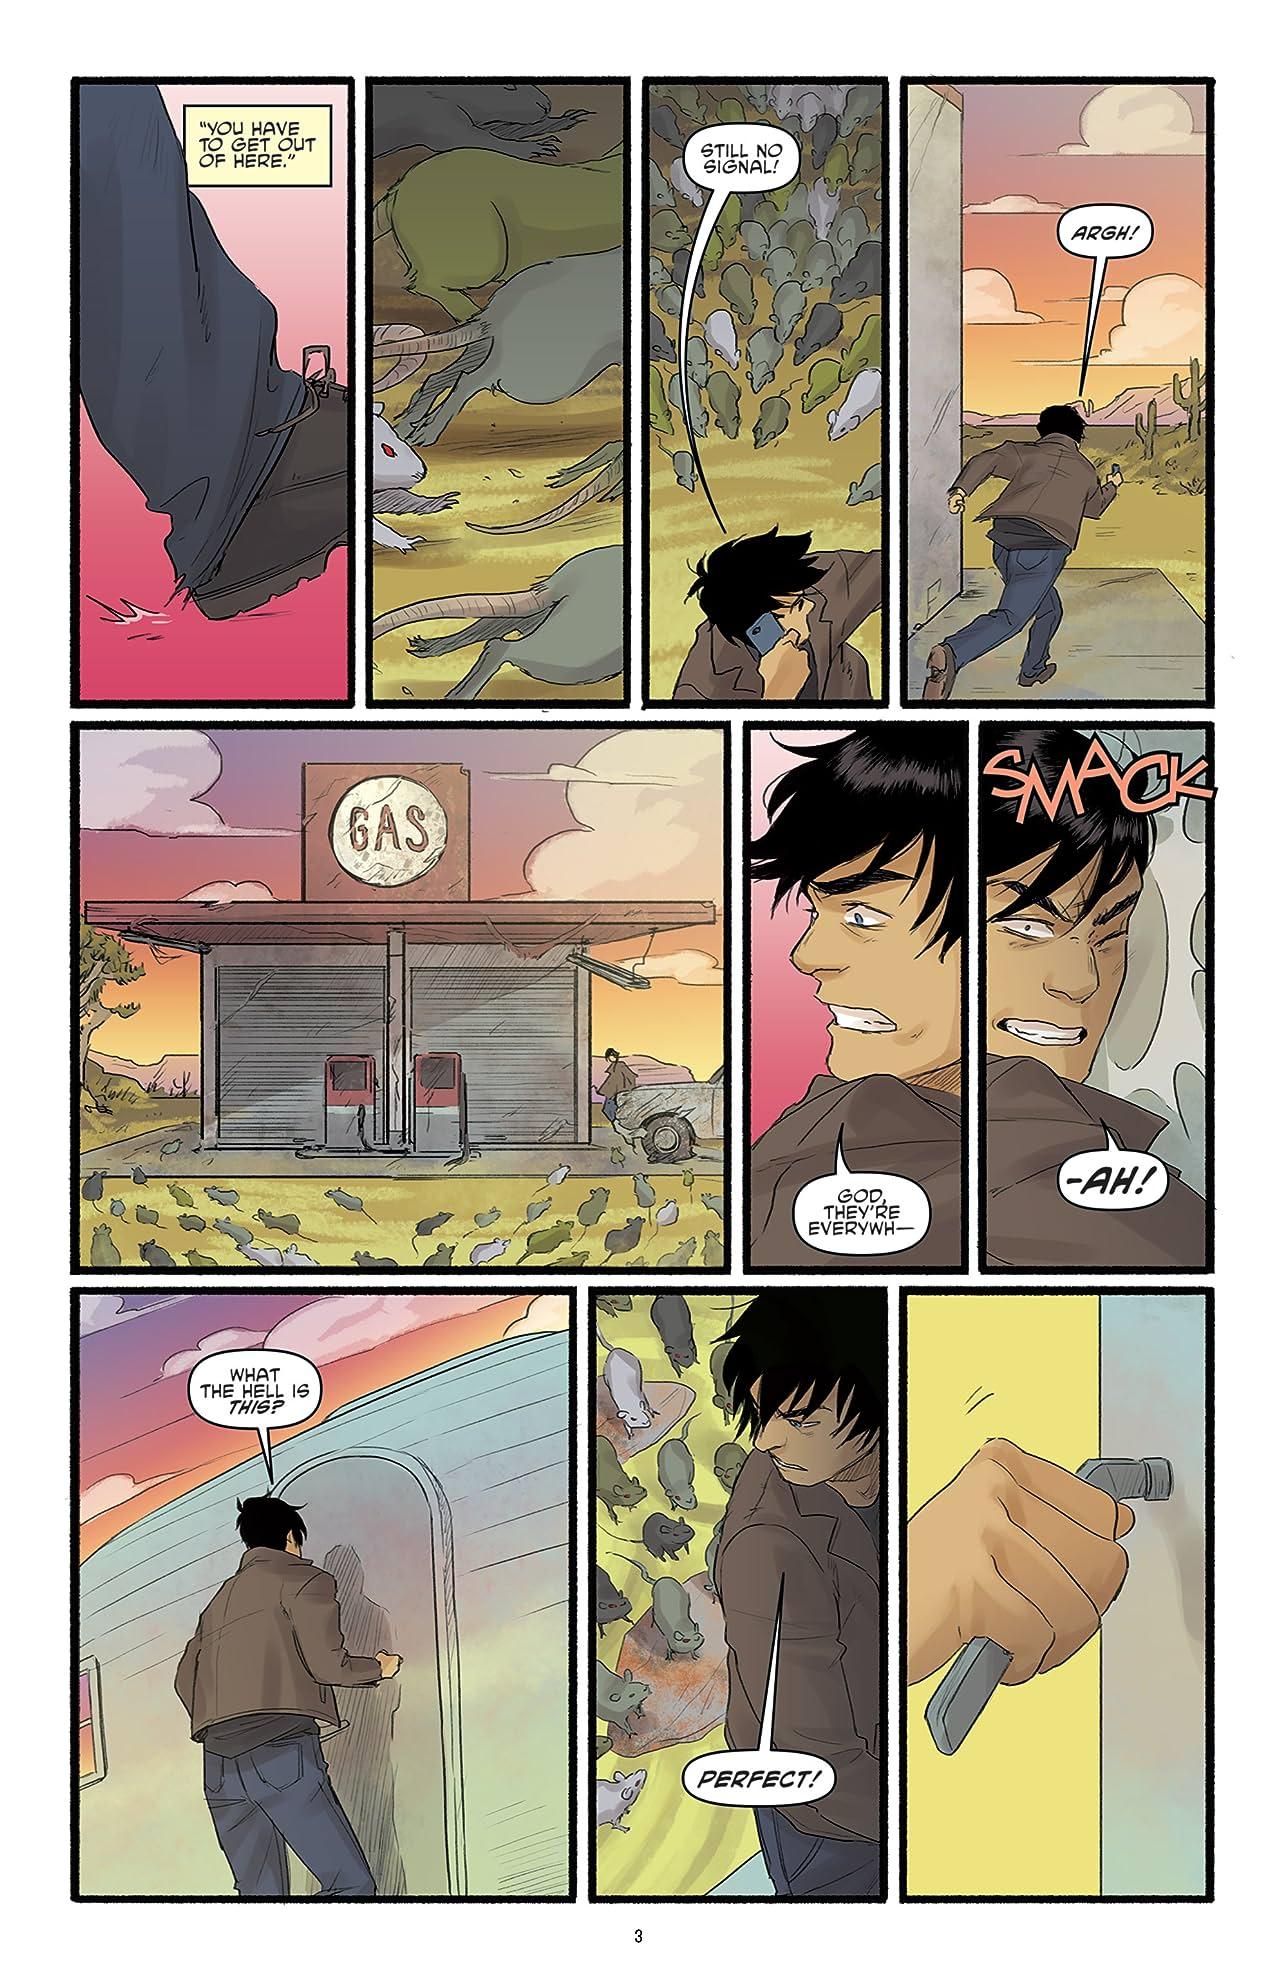 Teenage Mutant Ninja Turtles: Casey & April #3 (of 4)